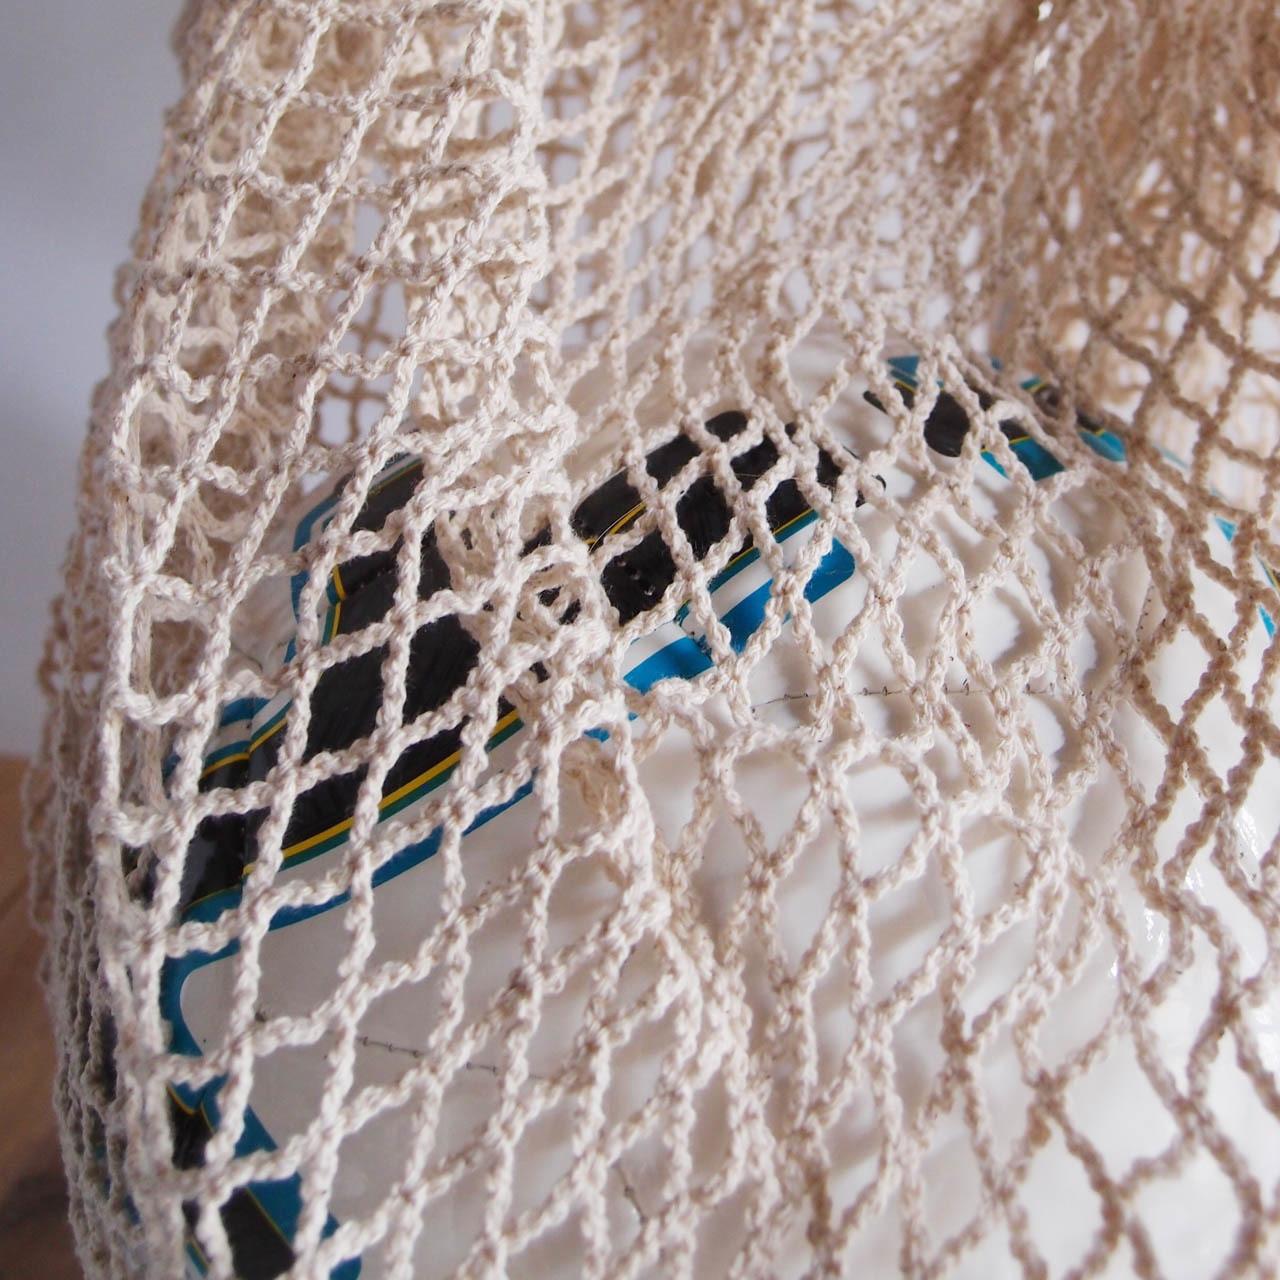 Wholesale Cotton Produce Bags, Wholesale Cotton Net Bags, Organic Cotton Mesh Bags  | Packaging Decor